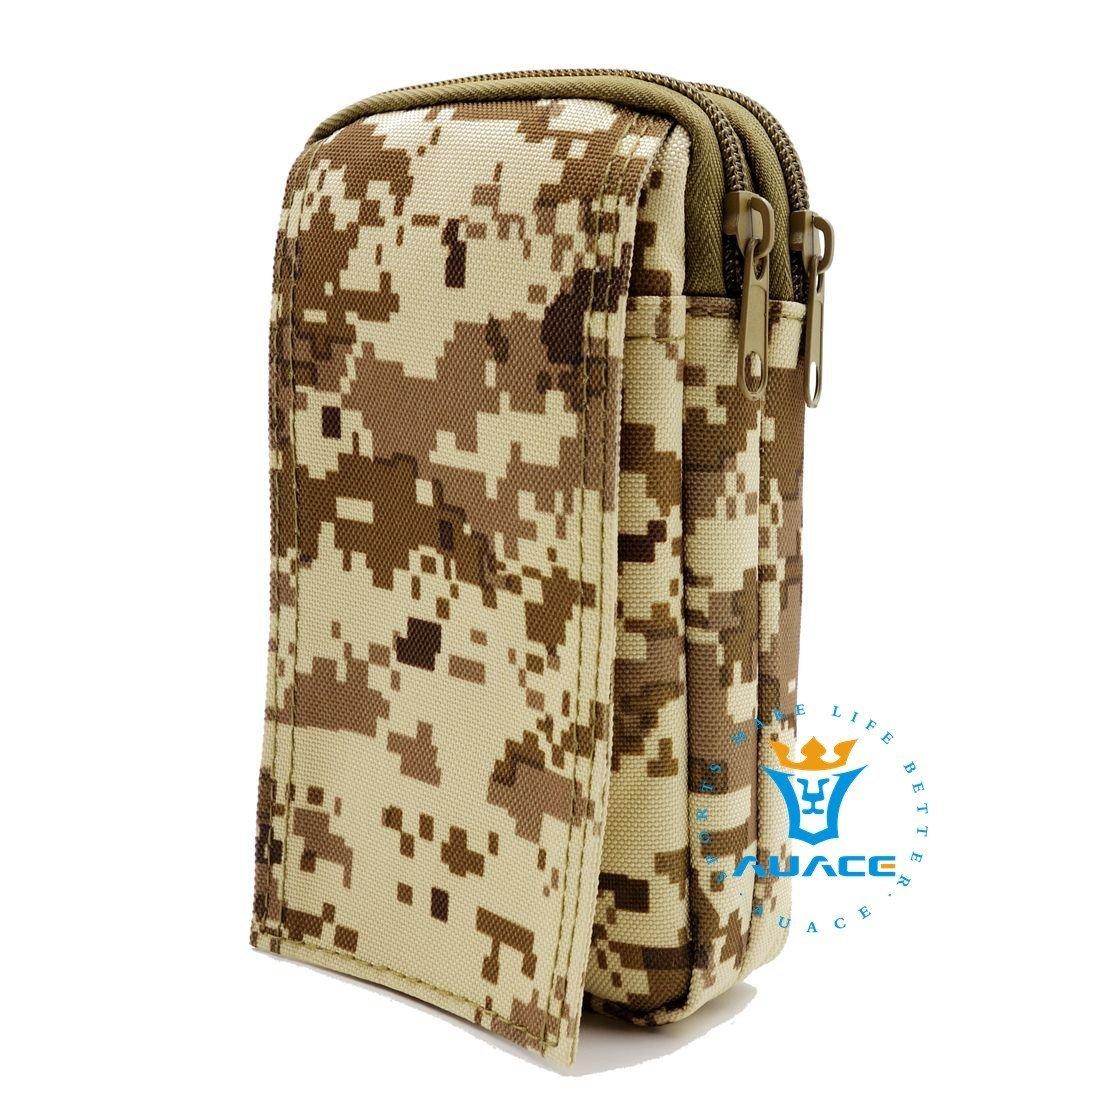 Multifunción Supervivencia Gear Tactical Carteras Bolsa de Molle Militar Asalto Cintura Pack, bolsas de camping herramienta de bolsos bolsas de viaje portátil Waist Bag Phone Pouch BK AUACE